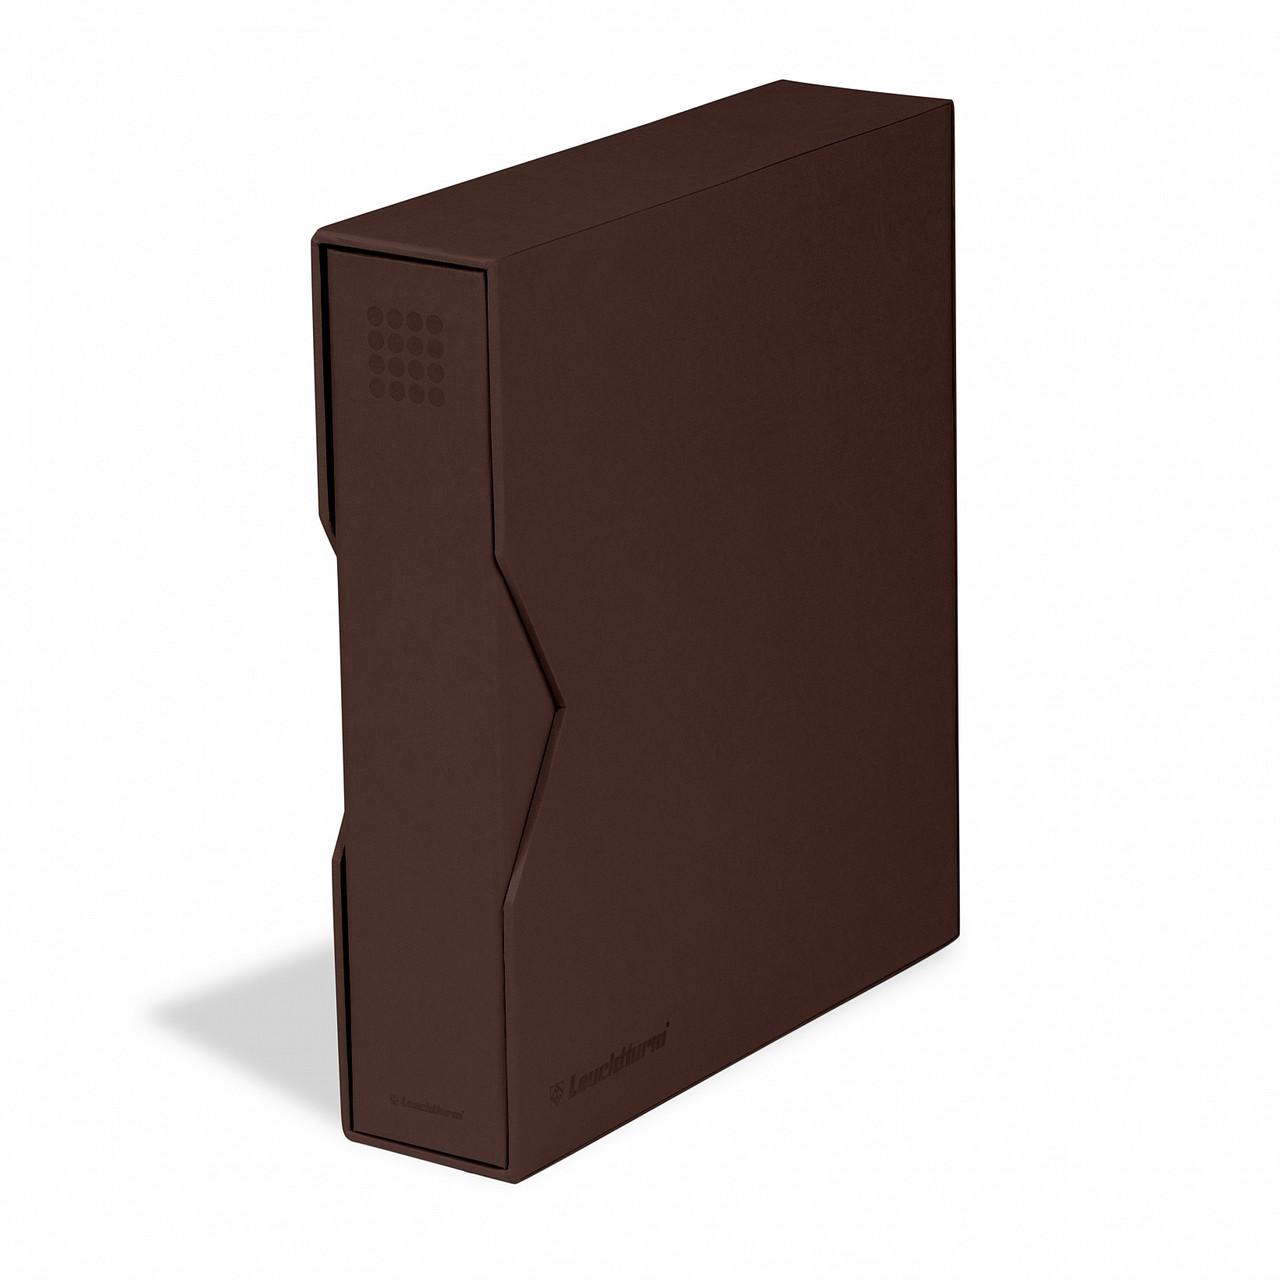 Альбом Leuchtturm, OPTIMA PUR місткістю (до 60 листів), для монет або банкнот, з футляром, коричневий